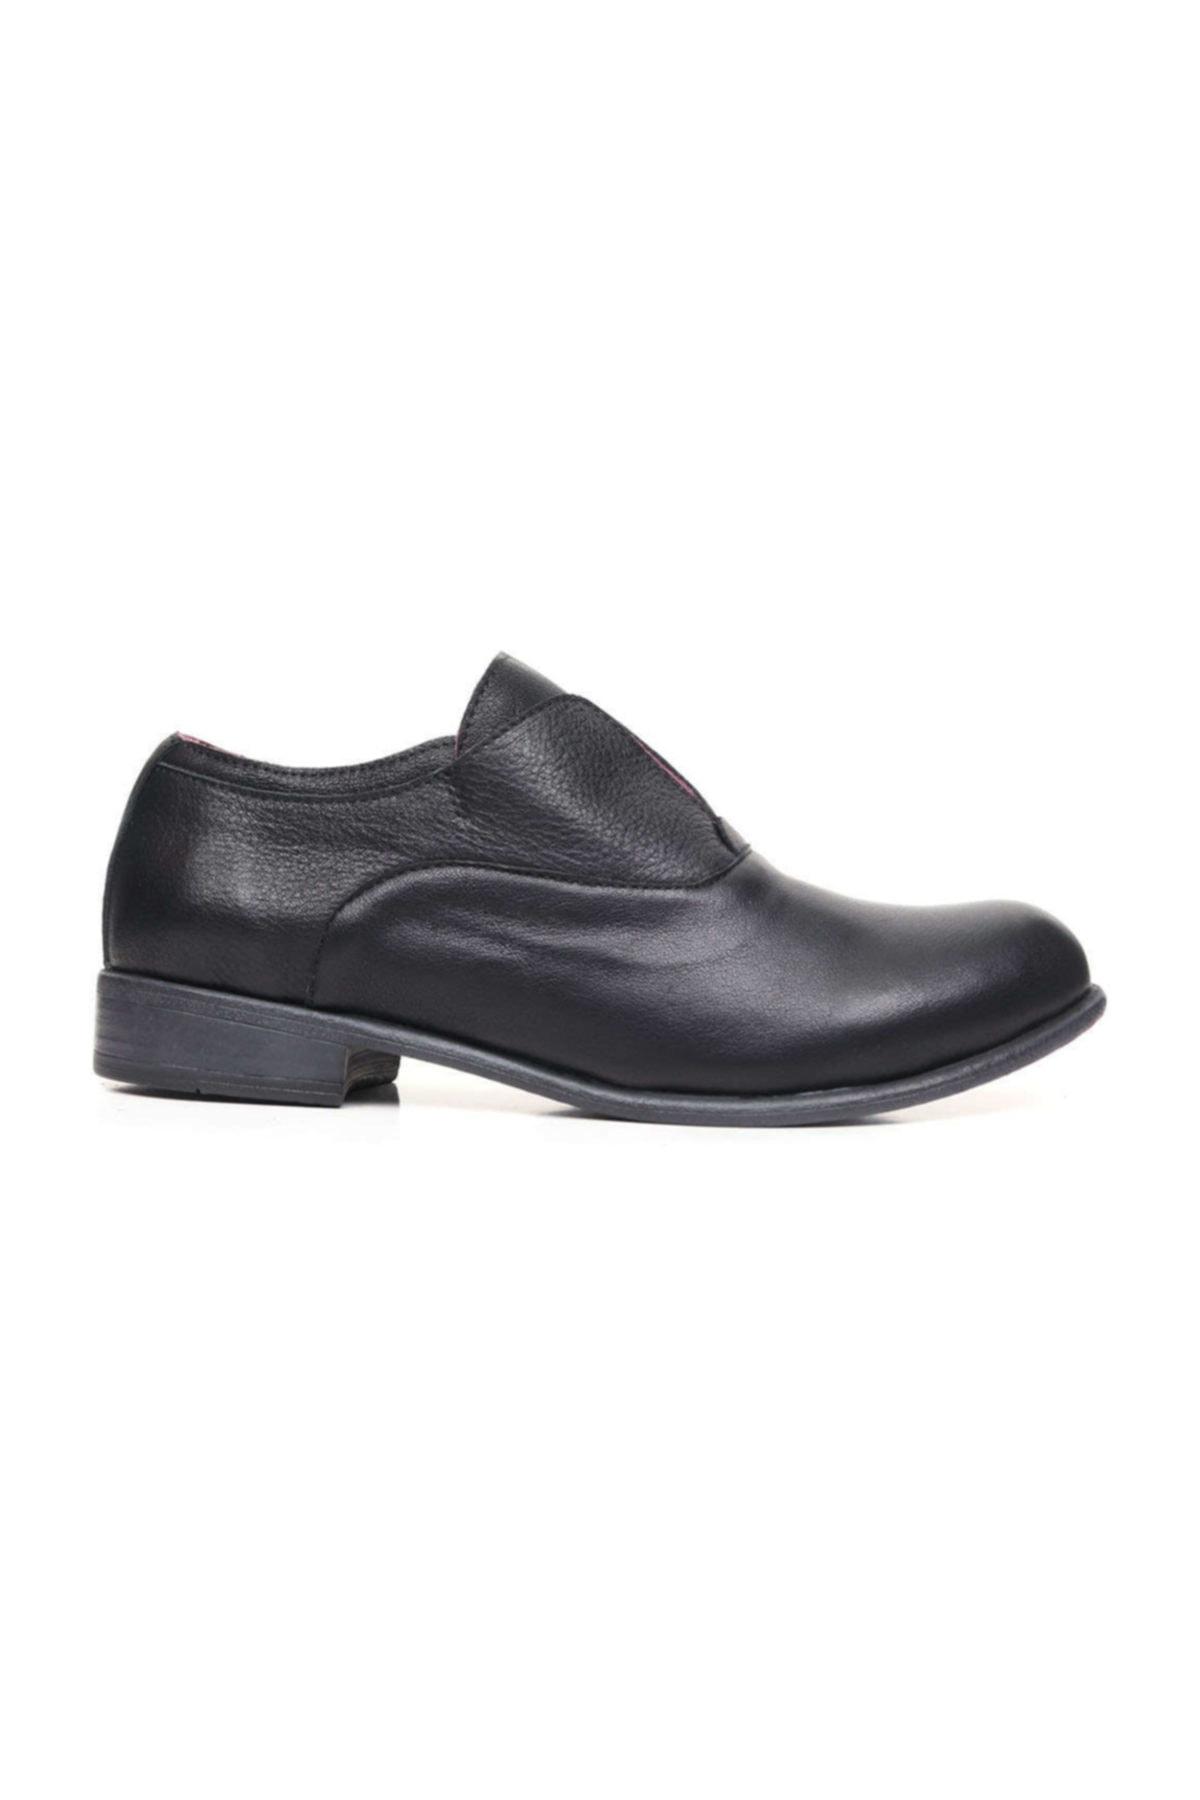 BUENO Kadın Ayakkabı 2